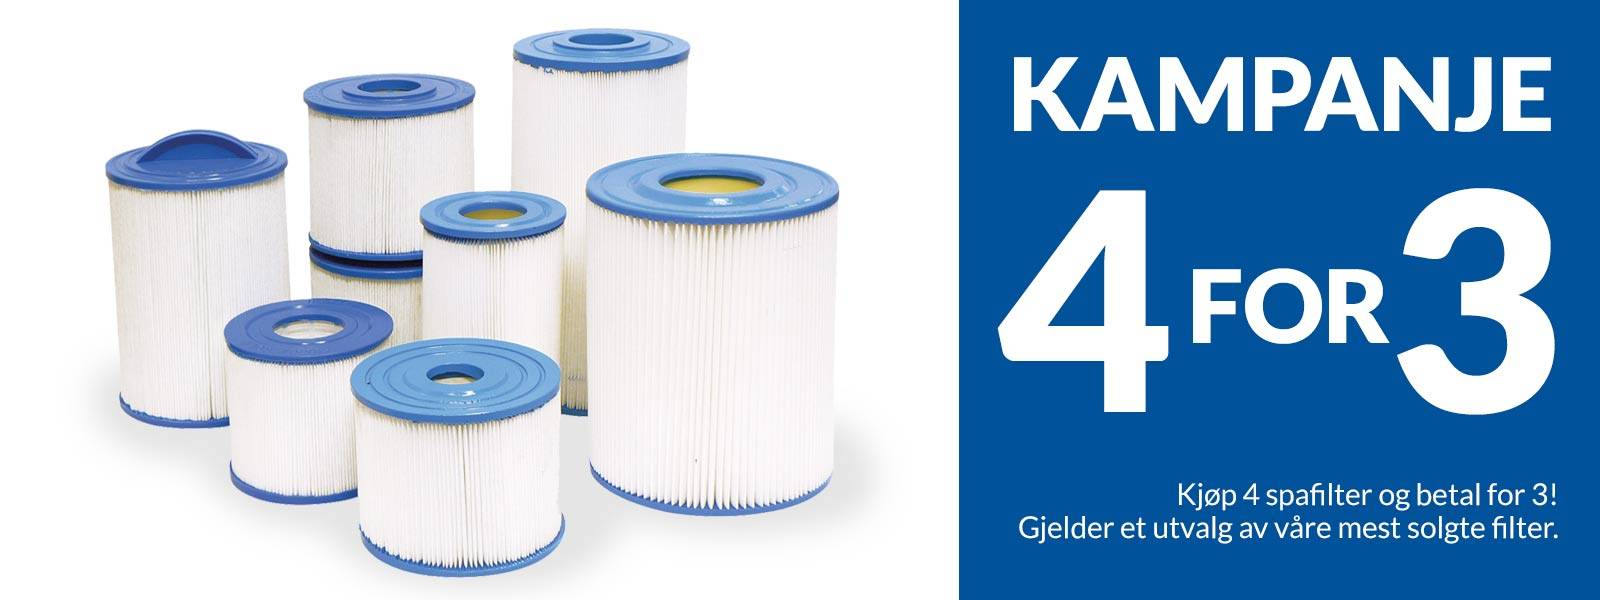 Kampanje, 4 for 3 på alle spafilter. Vi har et godt utvalg av filtertyper som brukes av mange spabad-produsenter.